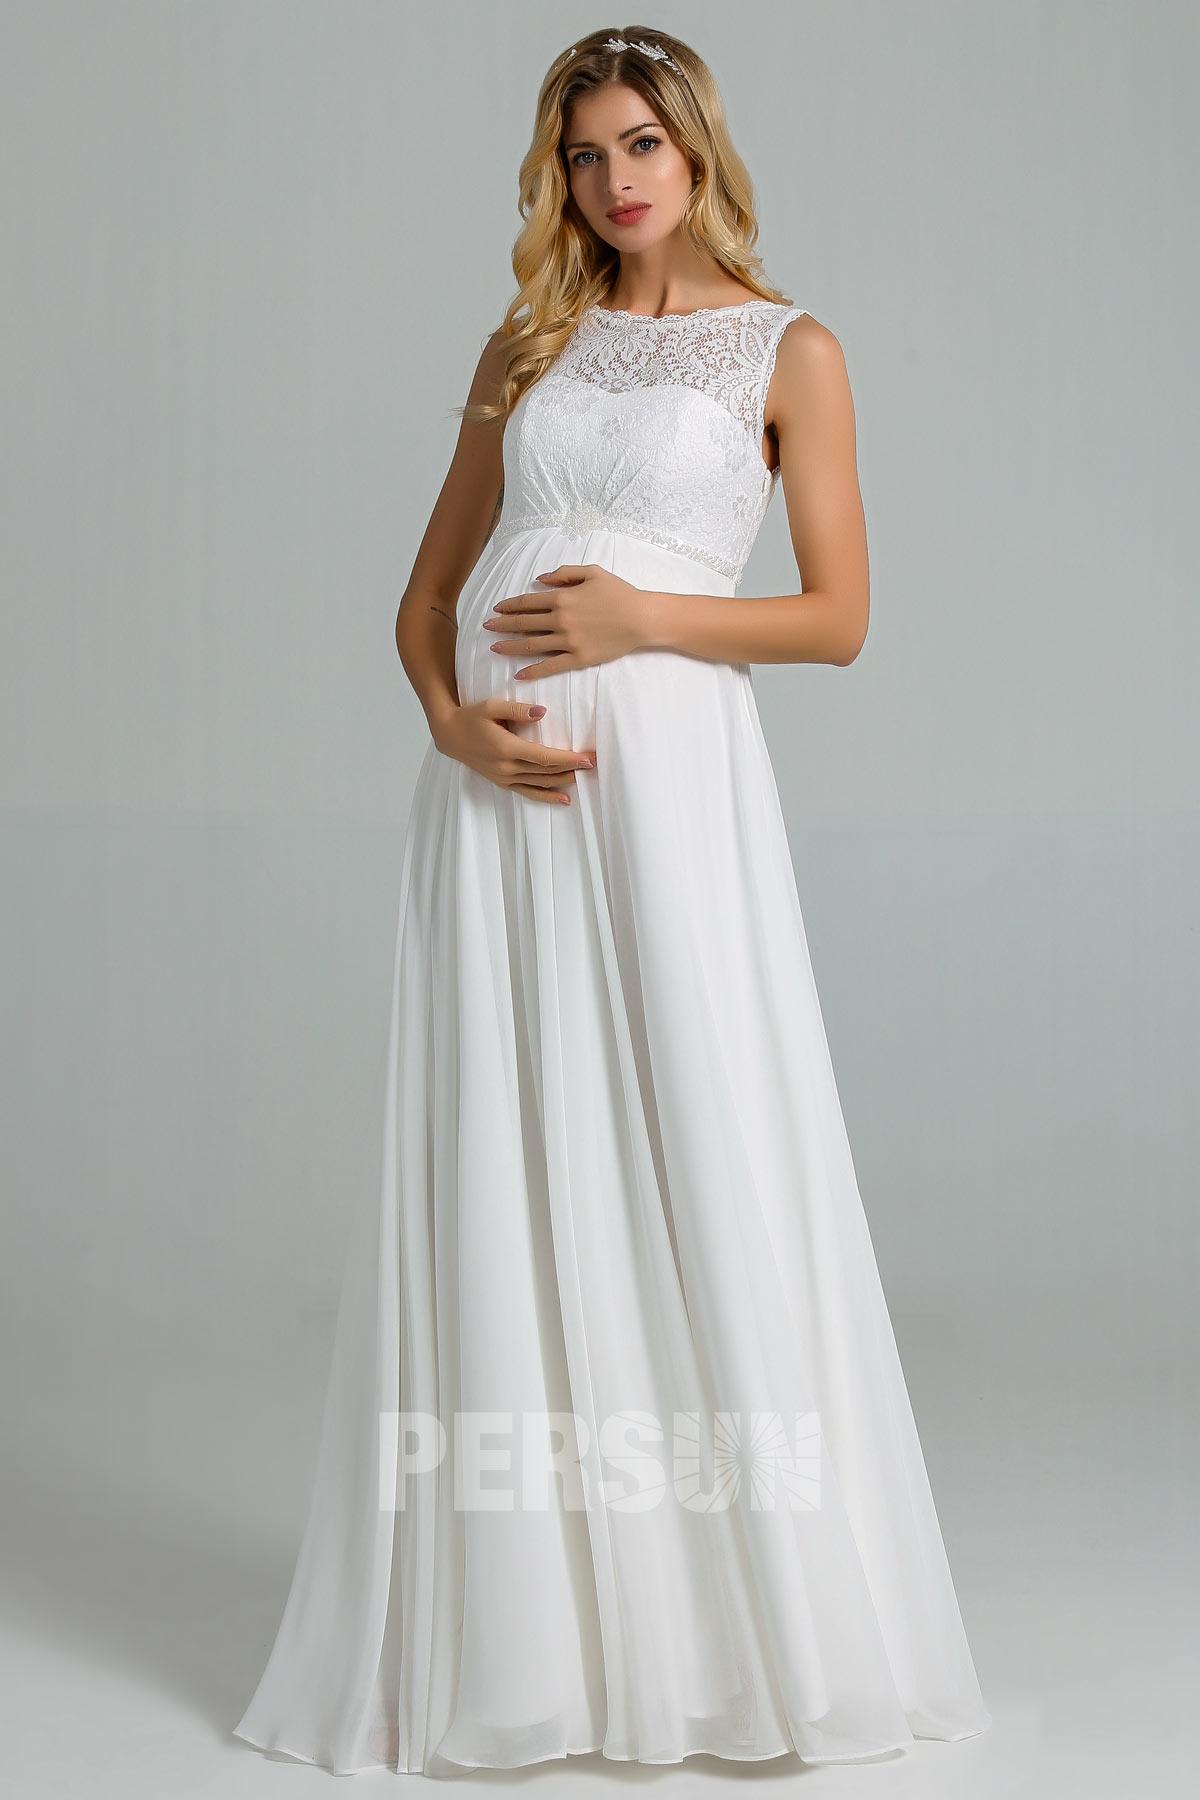 robe de mariée longue enceinte haut en dentelle florale